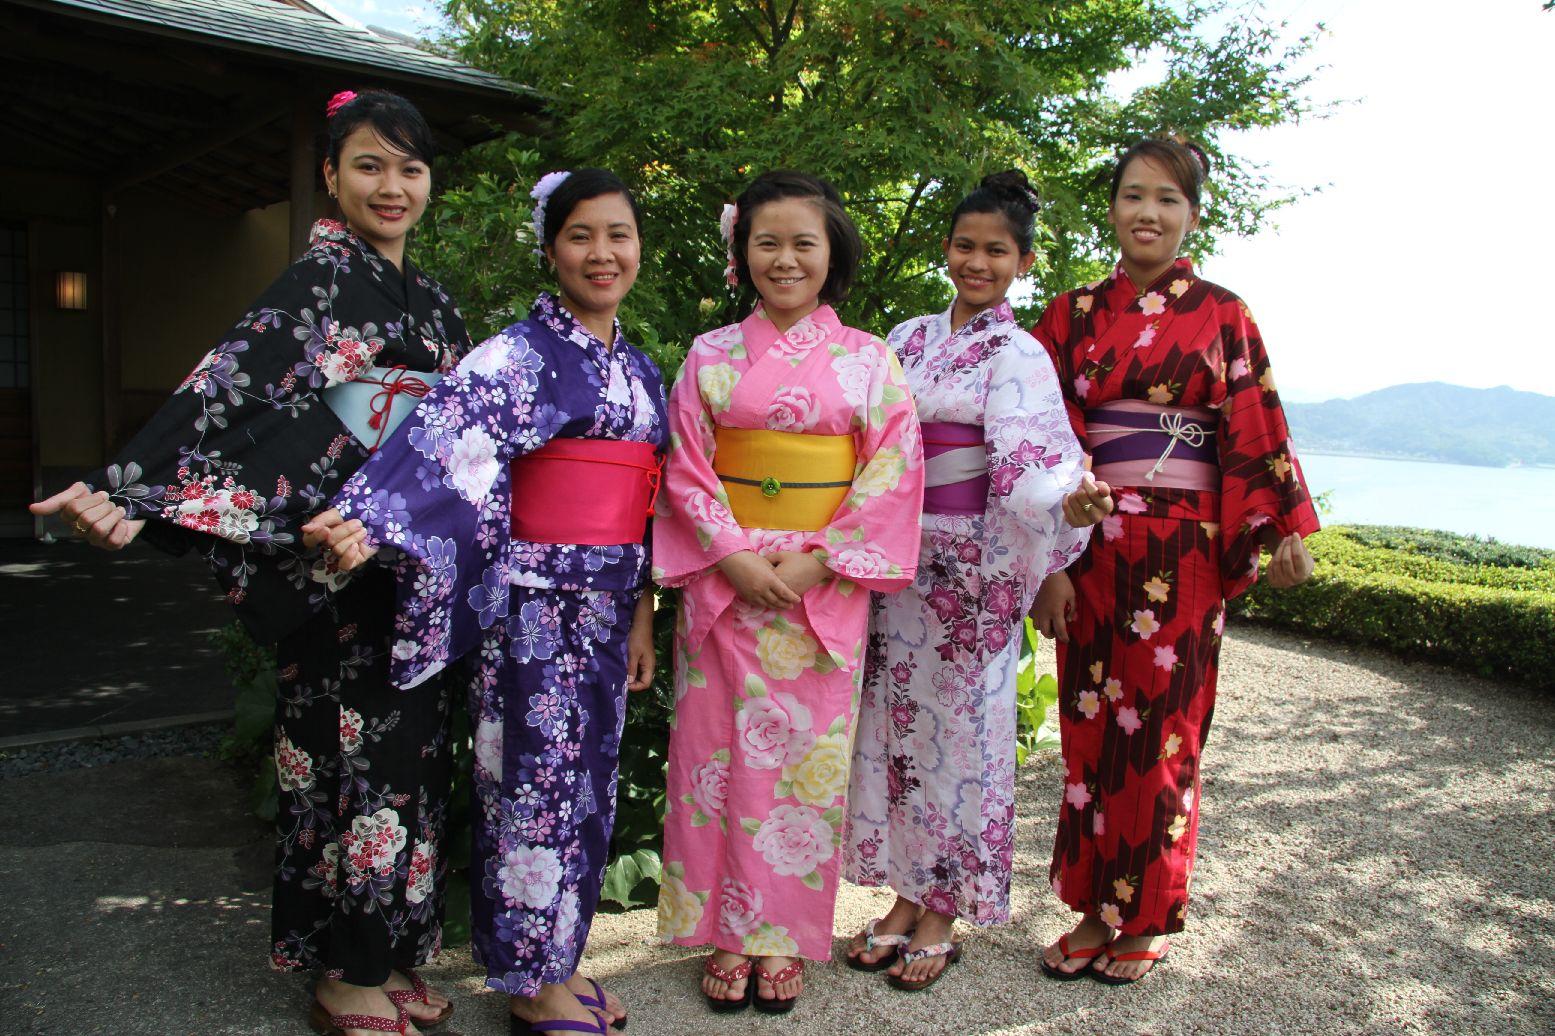 常石造船の海外グループ会社からの研修生「浴衣を着る会」で日本文化を体験